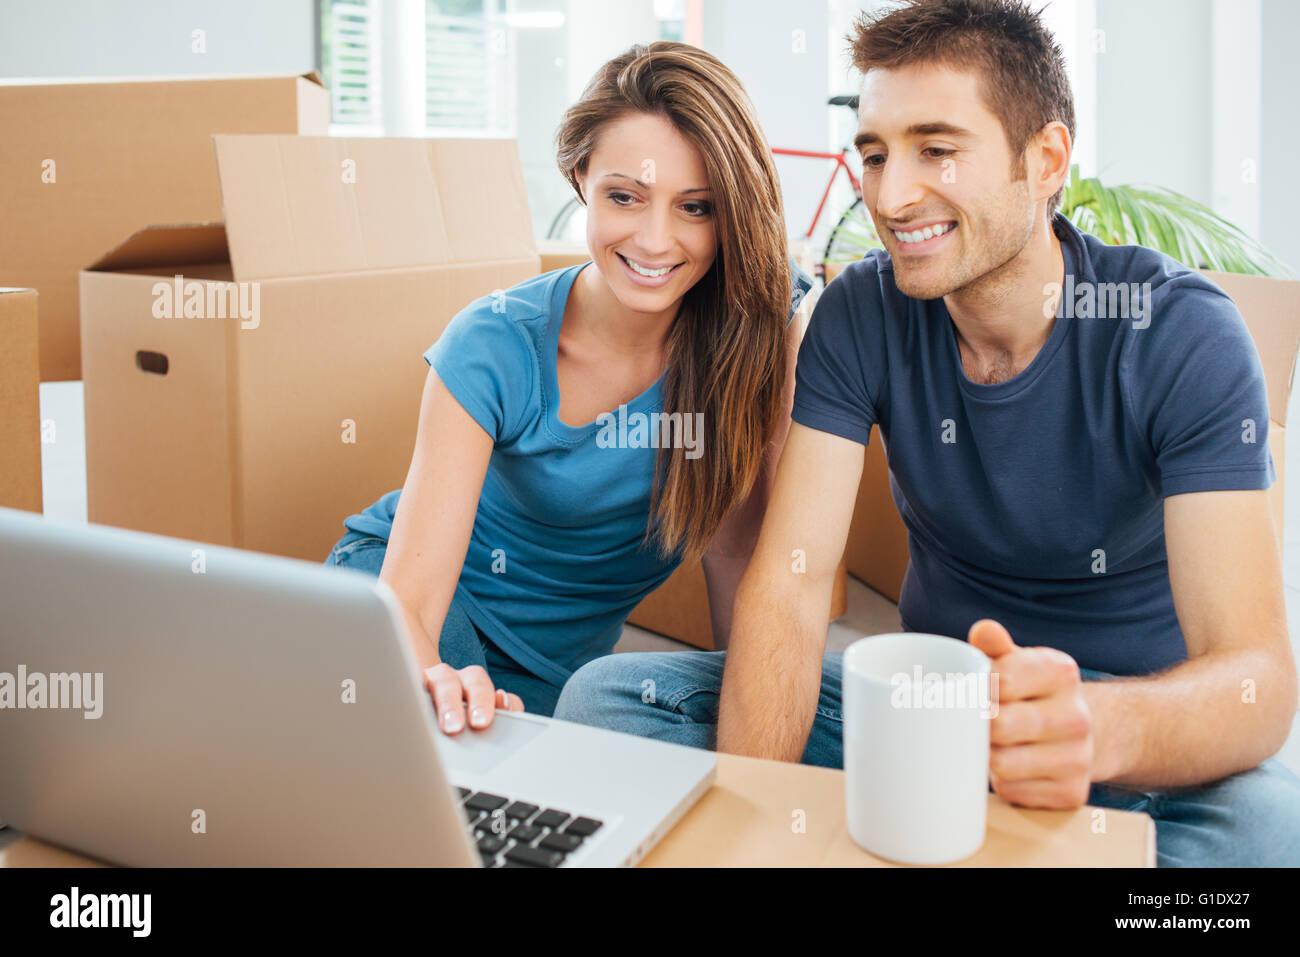 Felice coppia seduta sul loro nuovo piano casa circondata da scatole di cartone e utilizzando un laptop wireless Immagini Stock